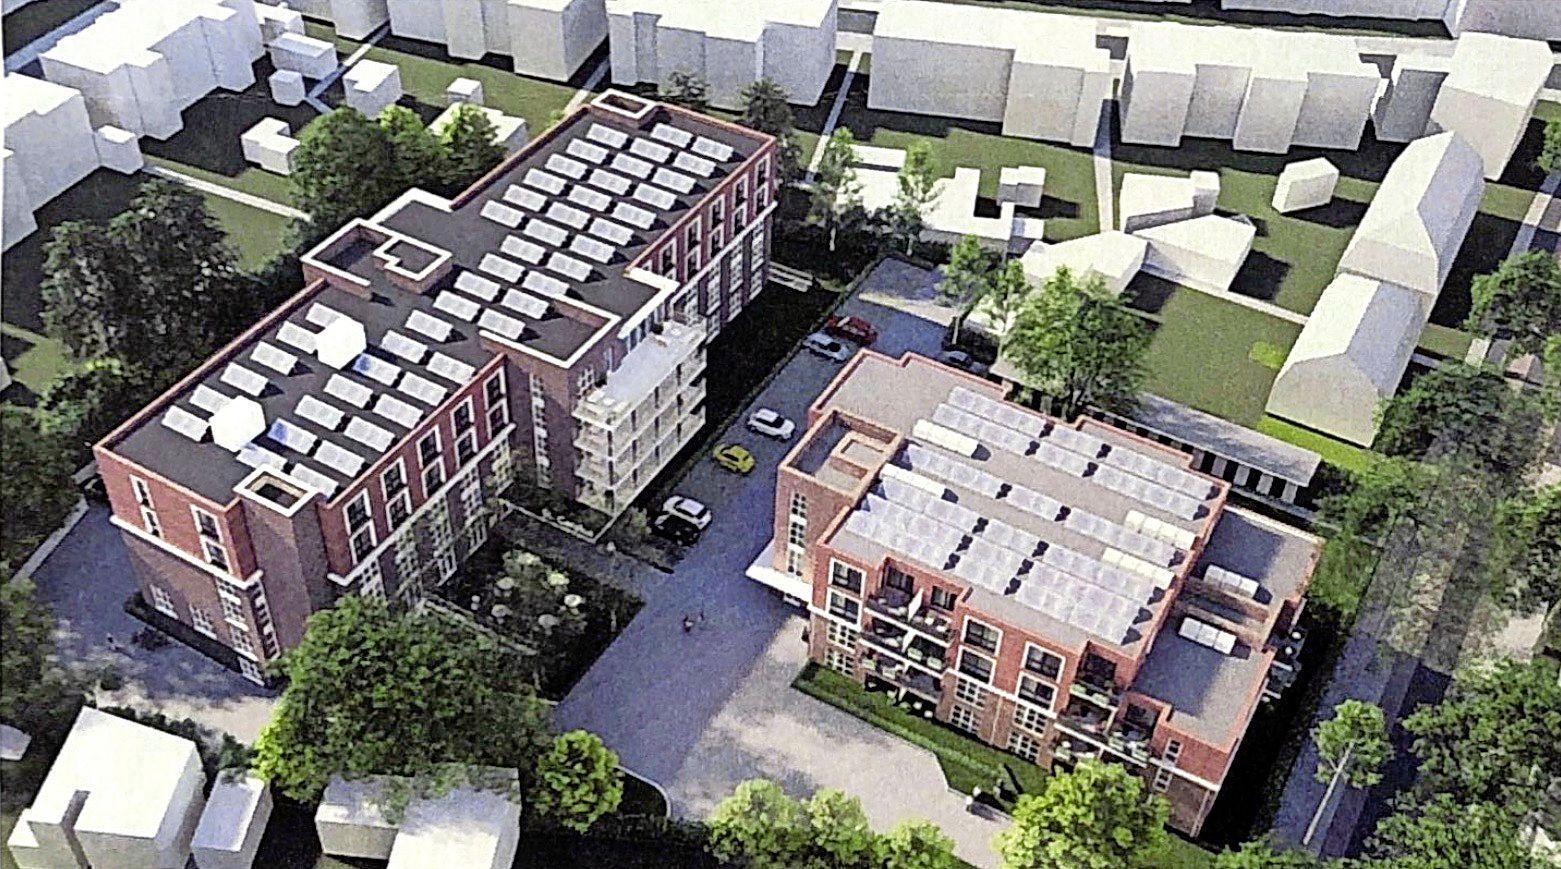 Omwonenden Carolushuis Hilversum teleurgesteld over gesprek met wethouder en ontwikkelaar. 'Wij willen niet om zes uur 's morgens vijftien loeiende vrachtwagens voor de deur hebben'